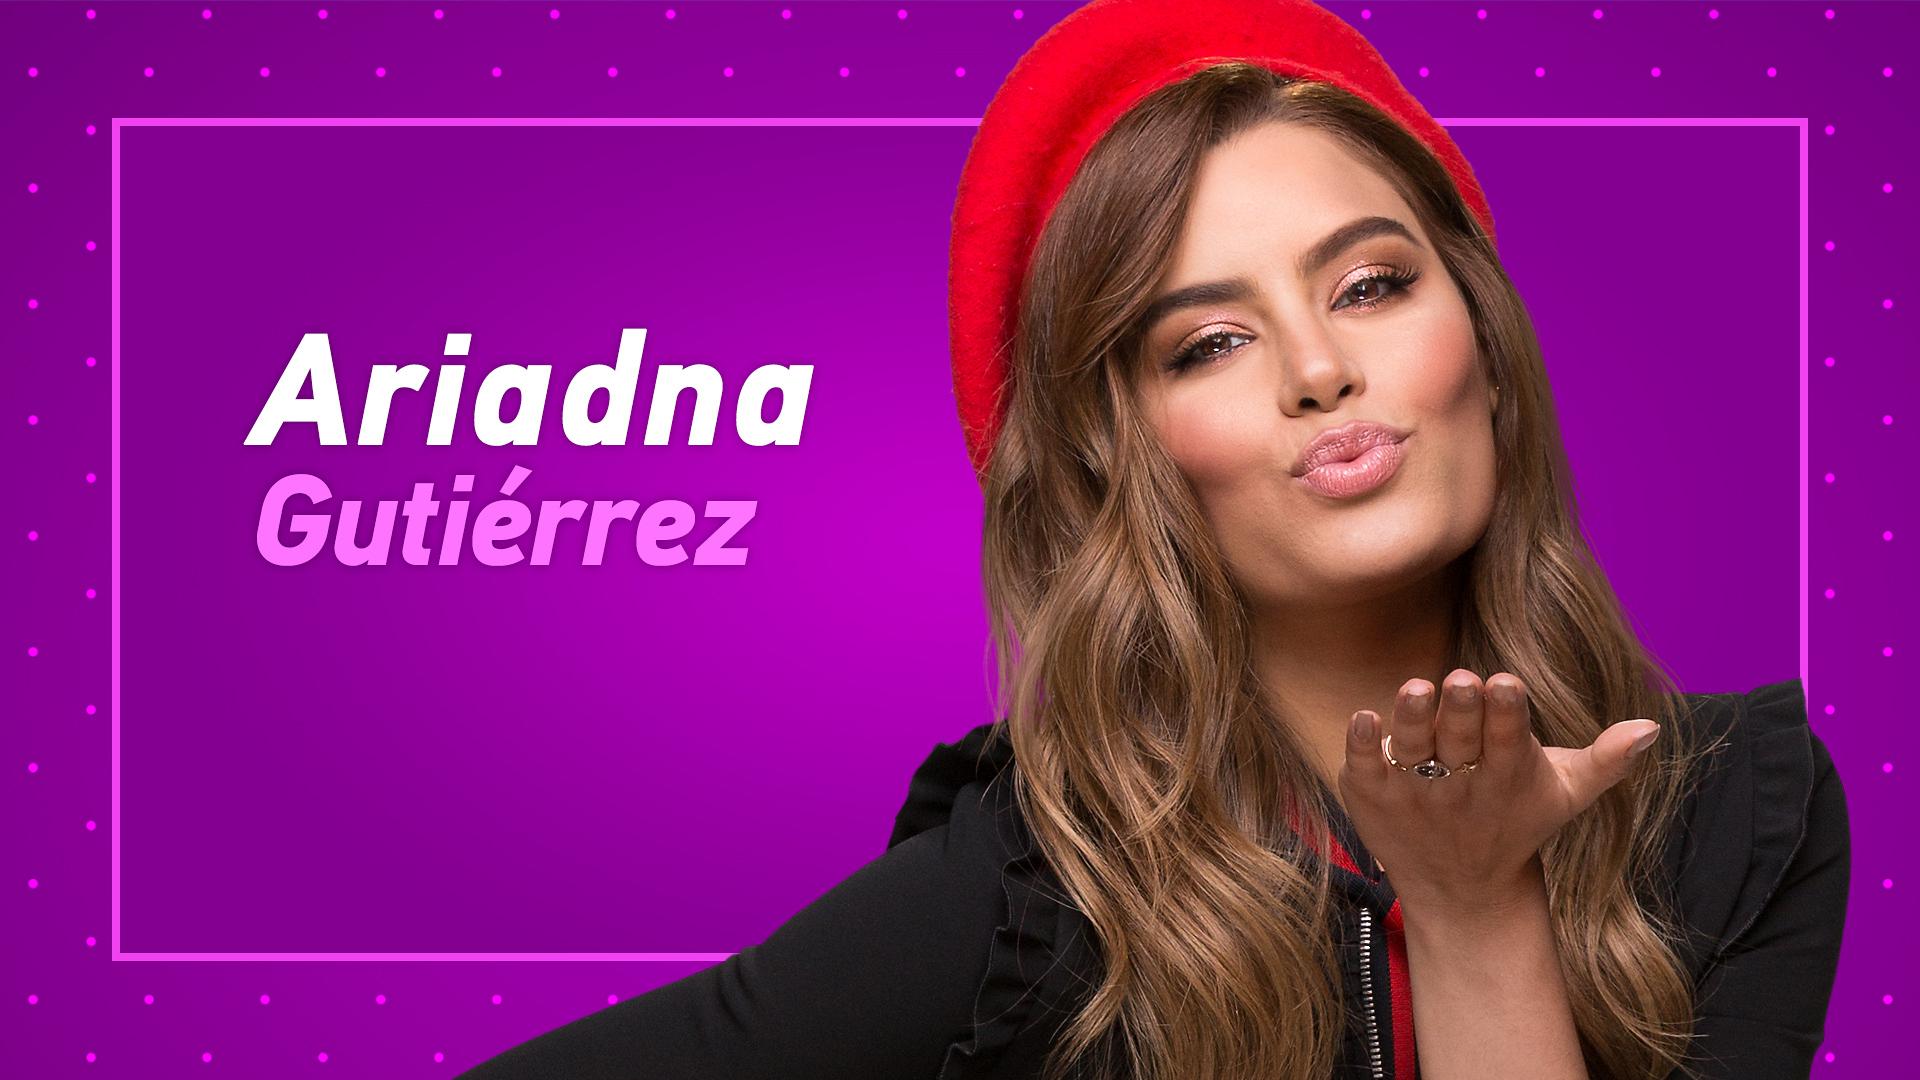 Celebrites Ariadna Gutierrez nude (68 photo), Ass, Paparazzi, Instagram, bra 2019